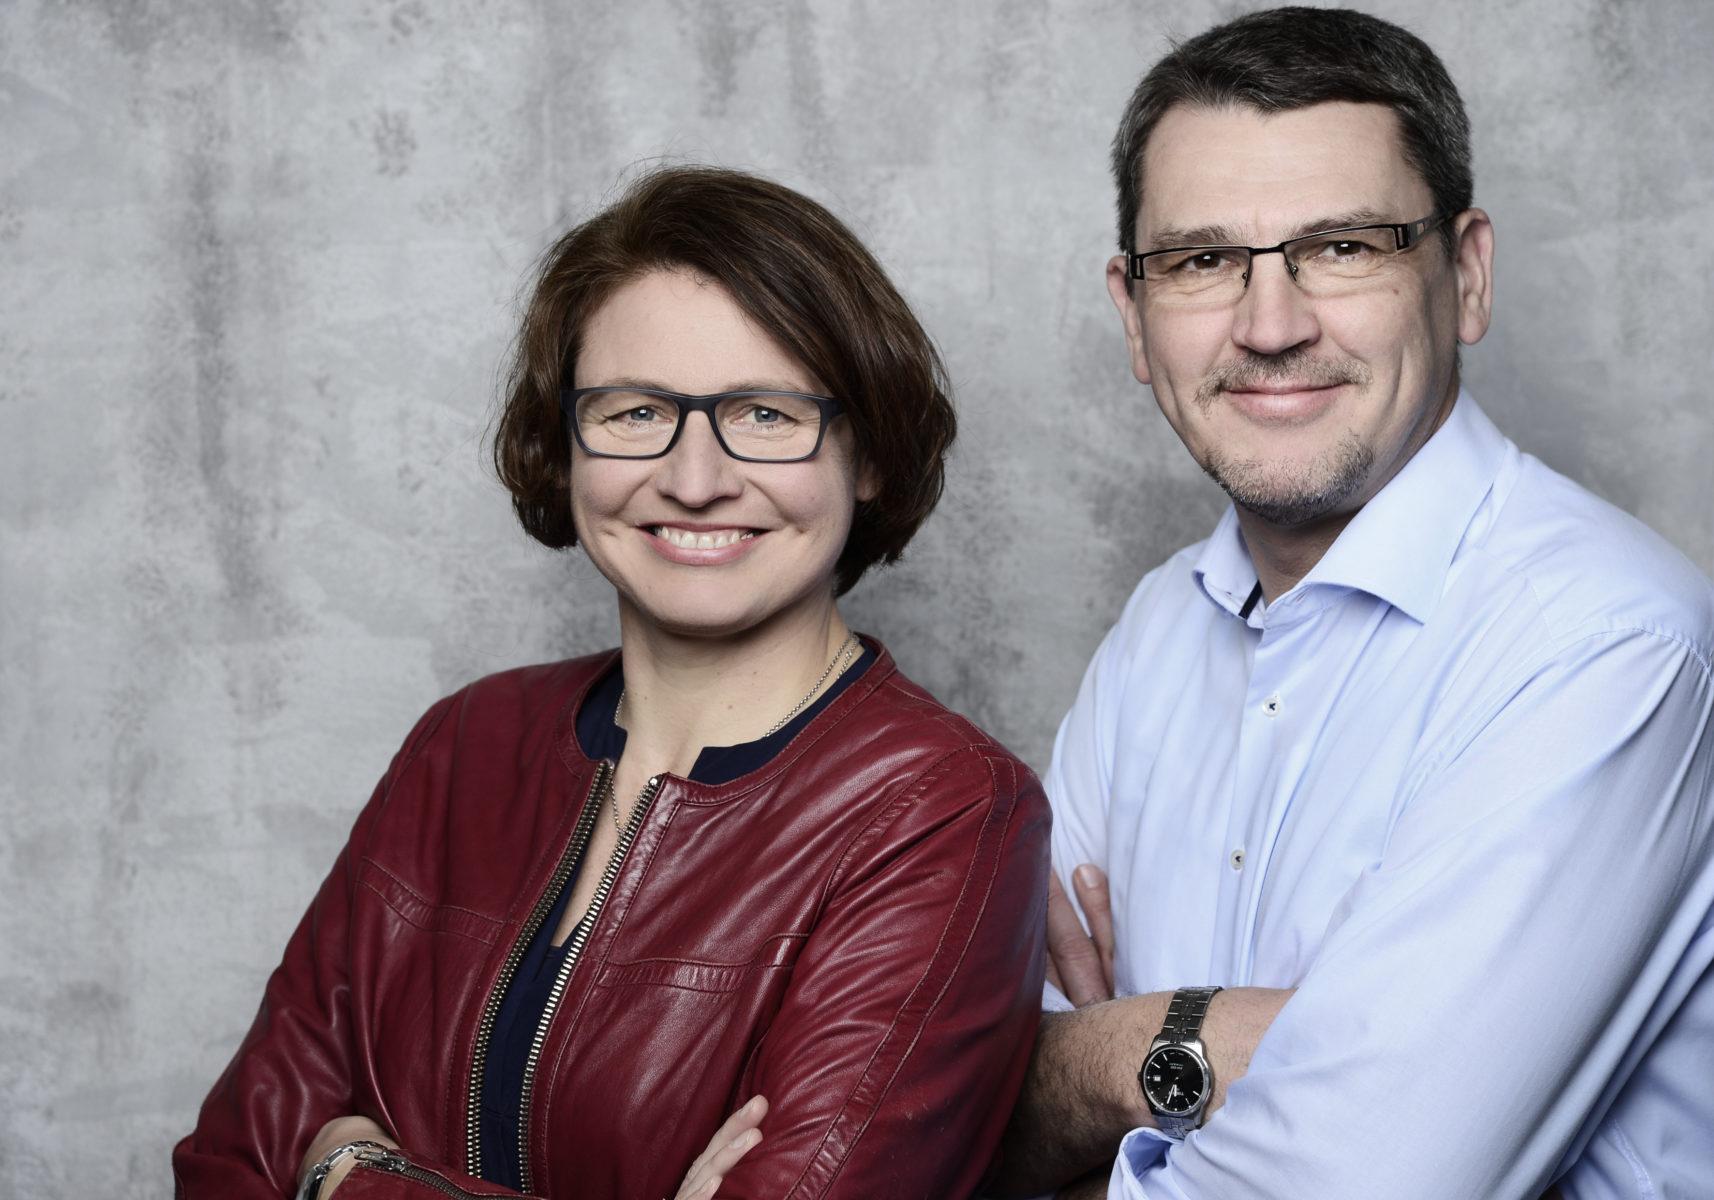 Die Gründer - Petra Gieffers & Uwe Matern